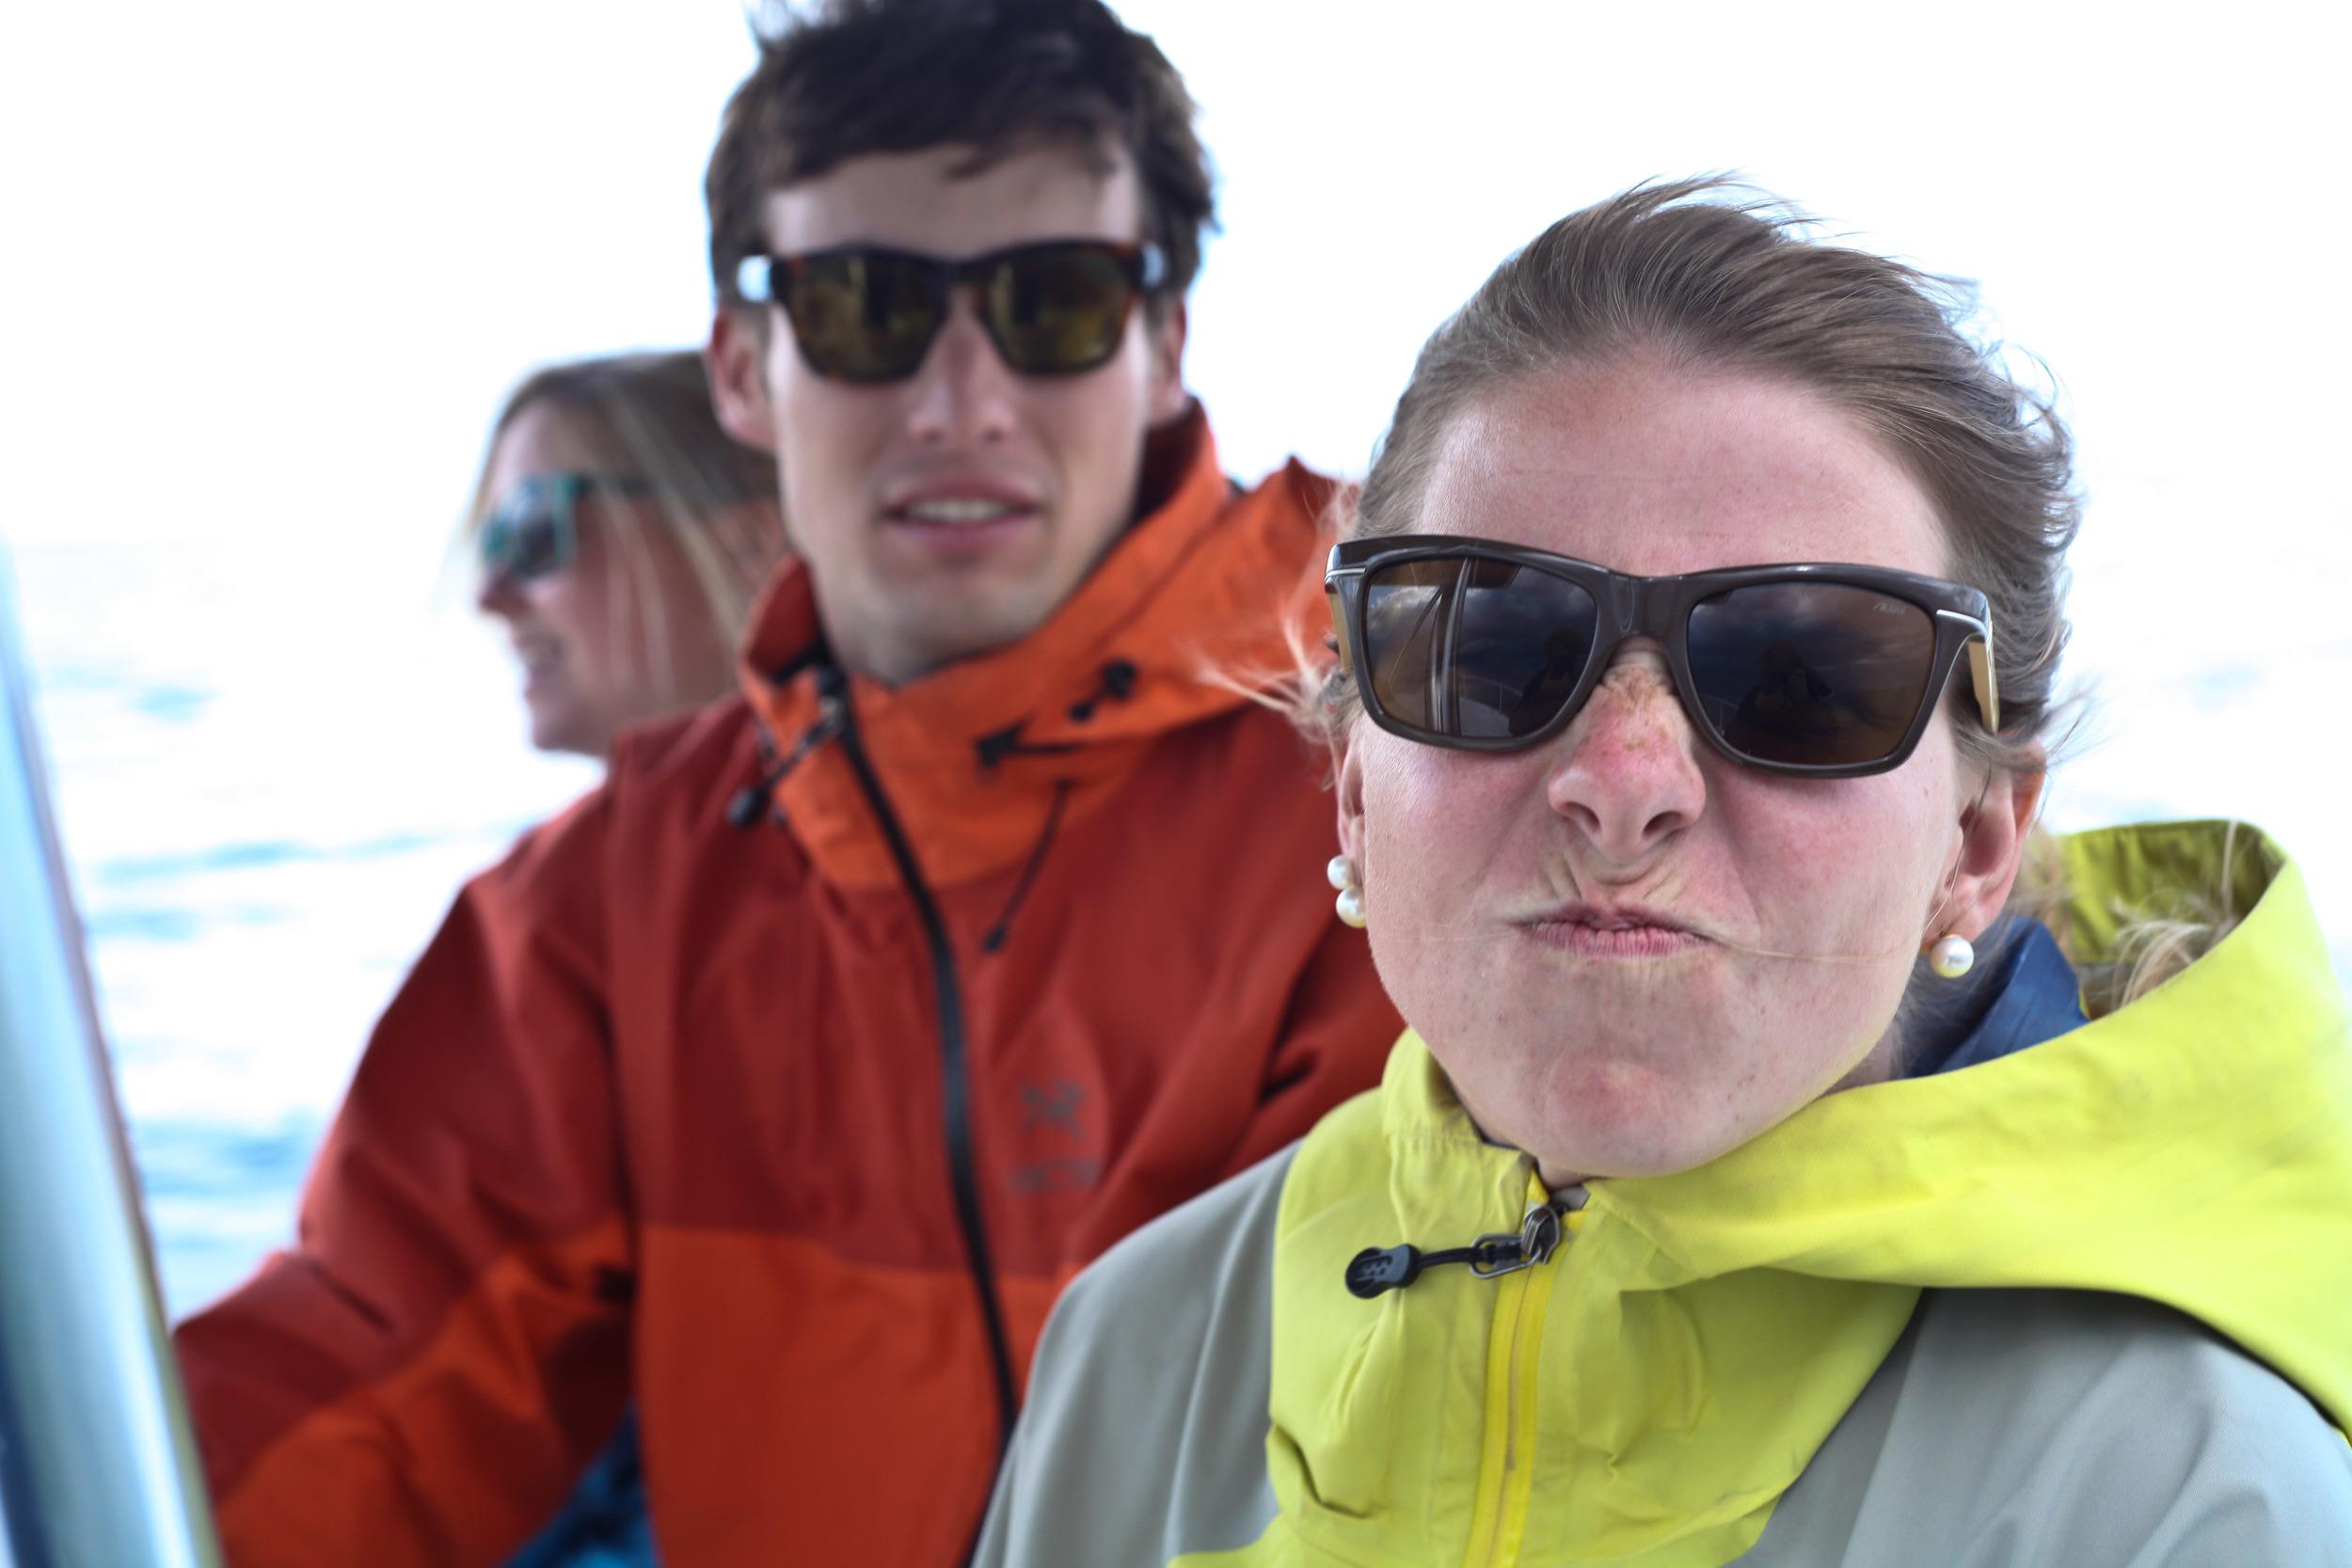 alie bittle alue optics six boat